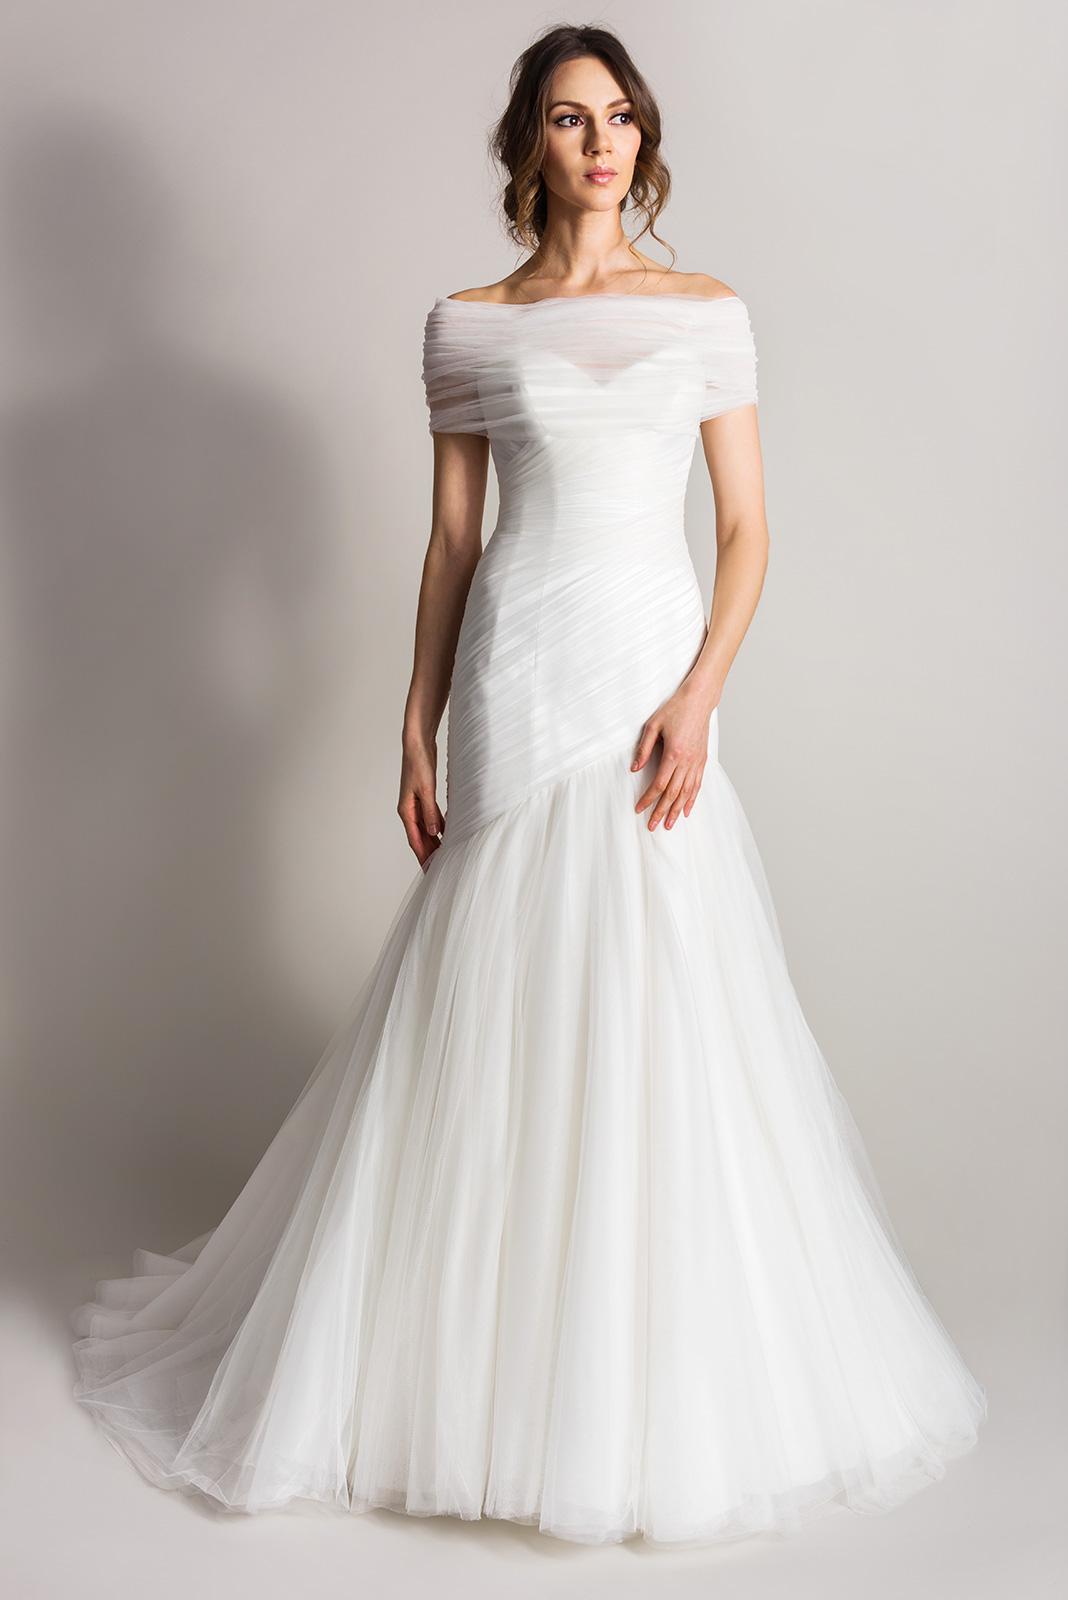 Suzanne neville songbird rock my wedding uk wedding blog - Serenade ivry ...